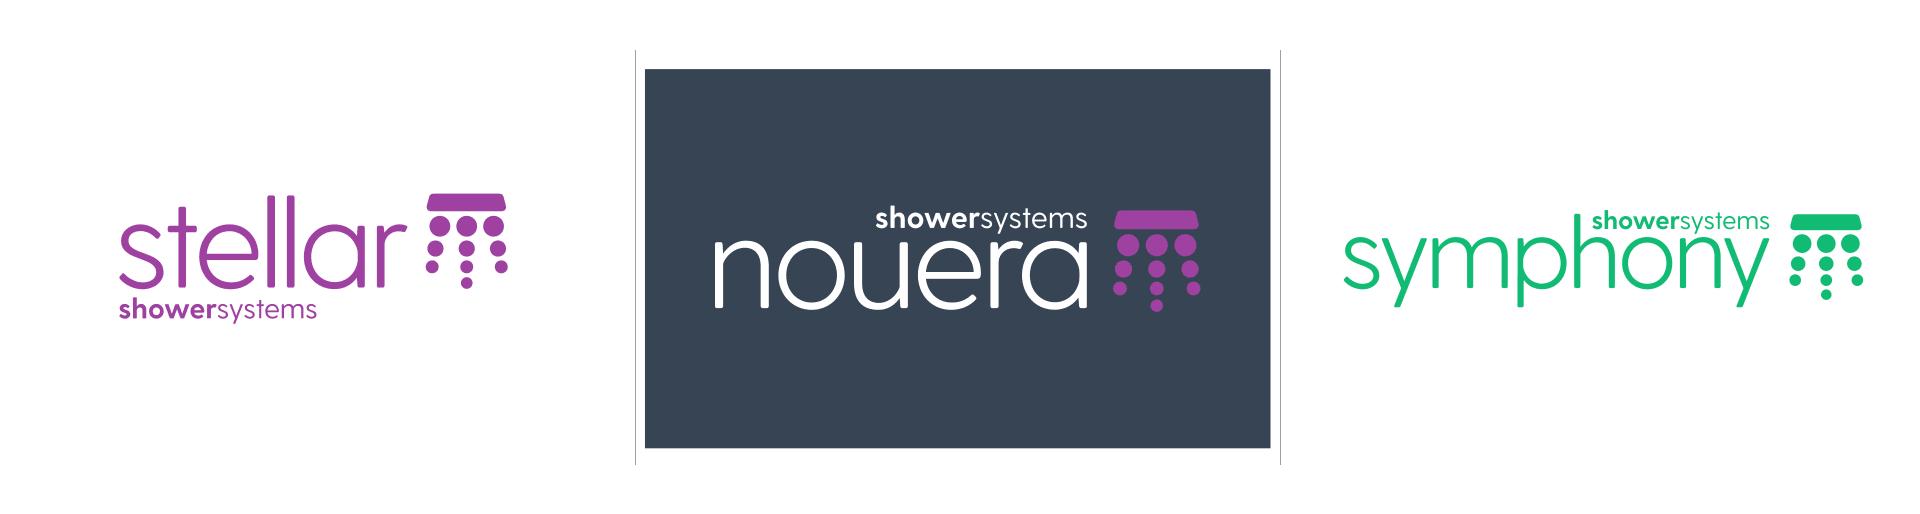 fibre-systems-logo-suite